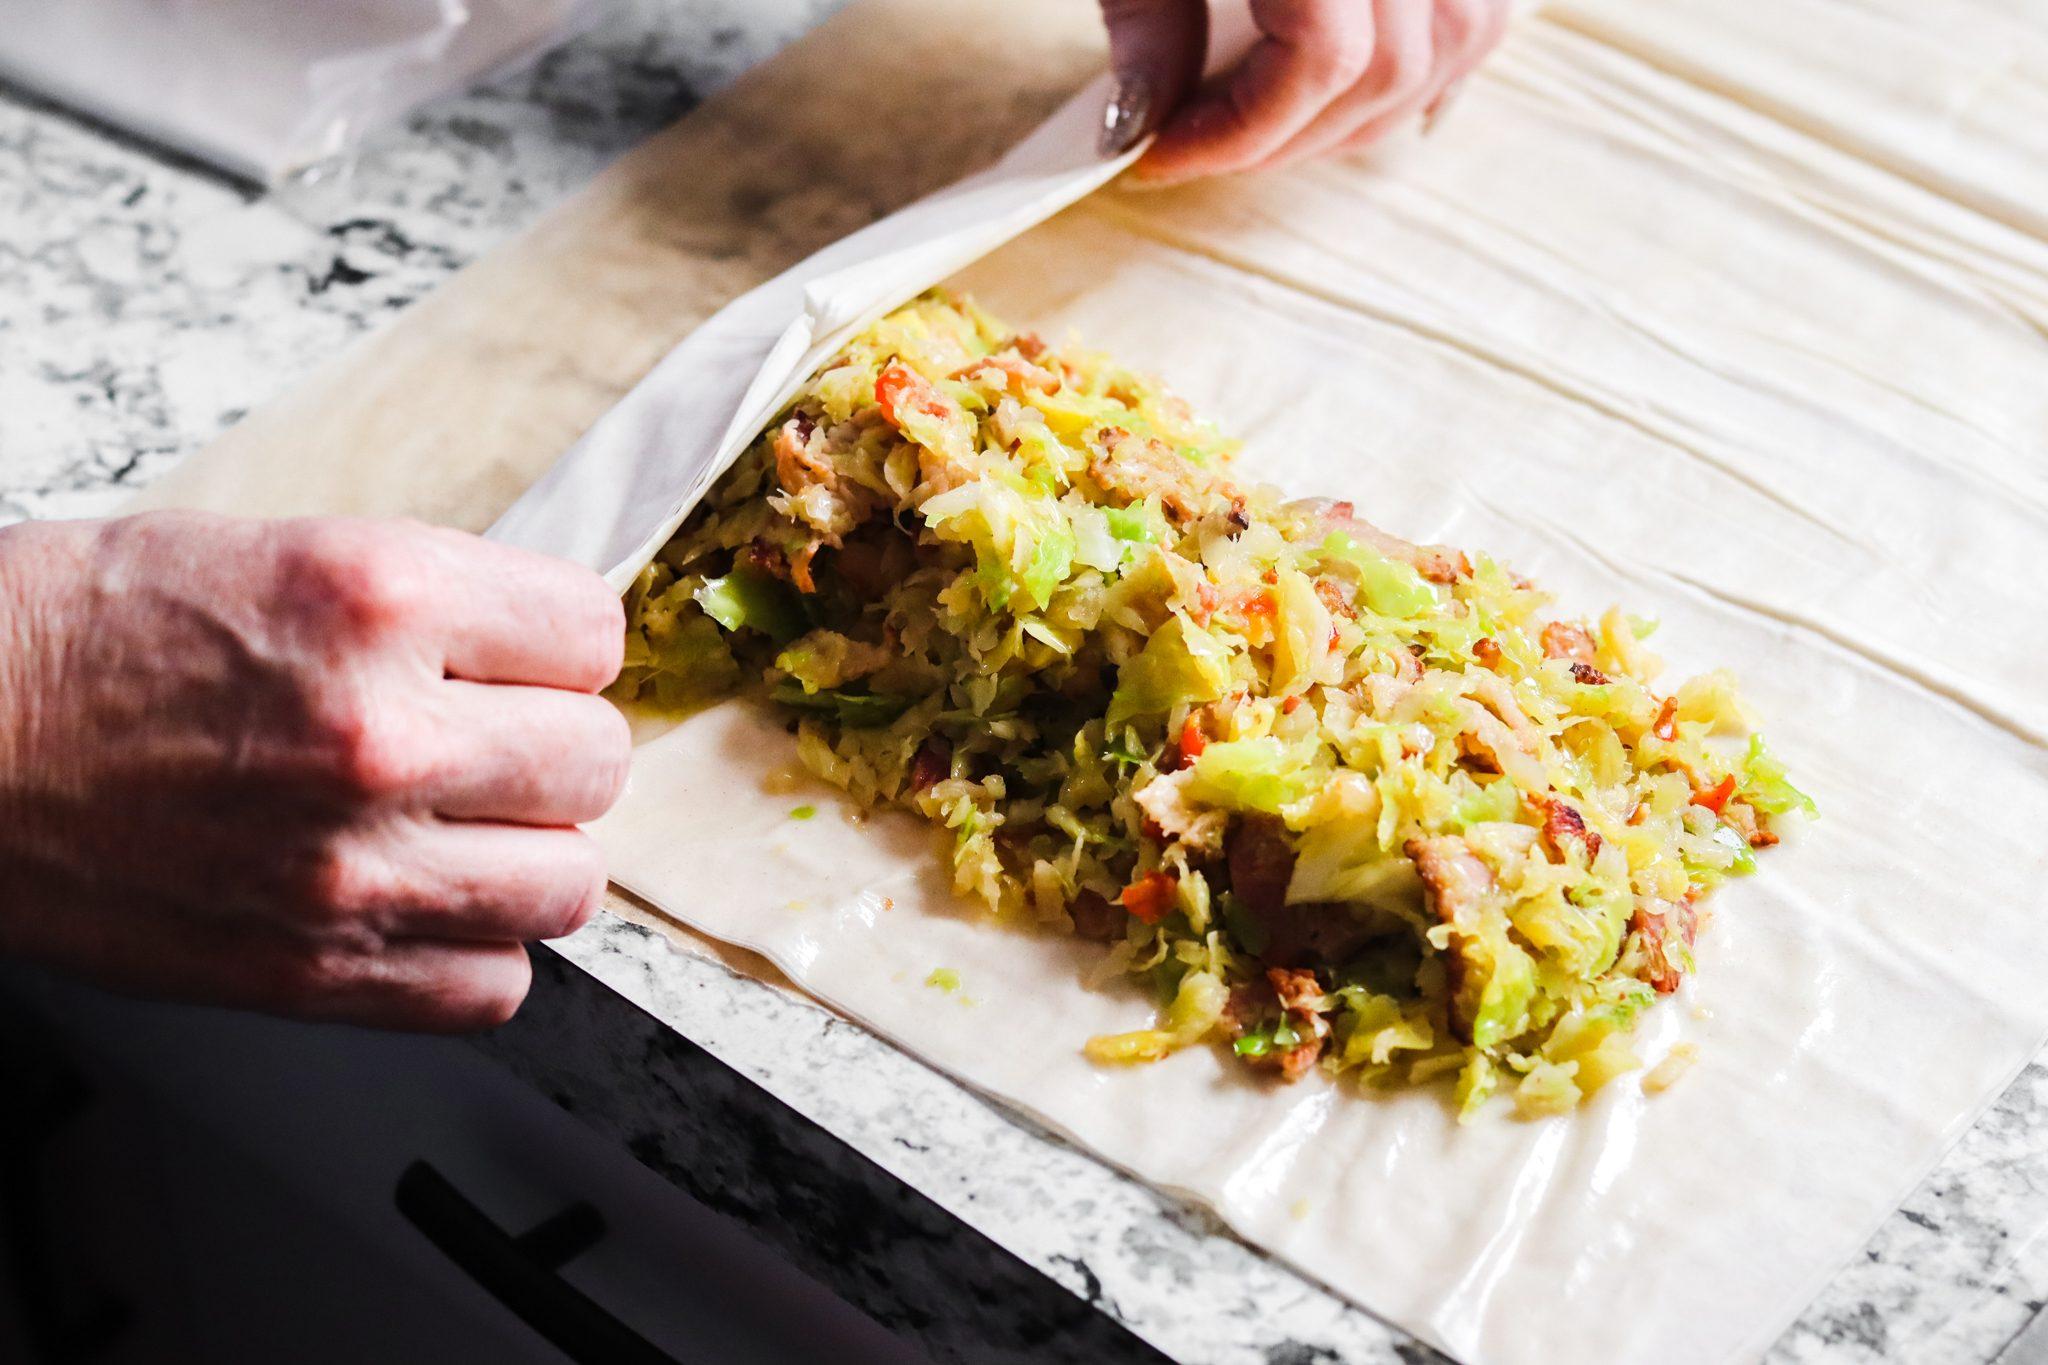 Strudel salato con crauti e pancetta: arrotolare lo strudeò